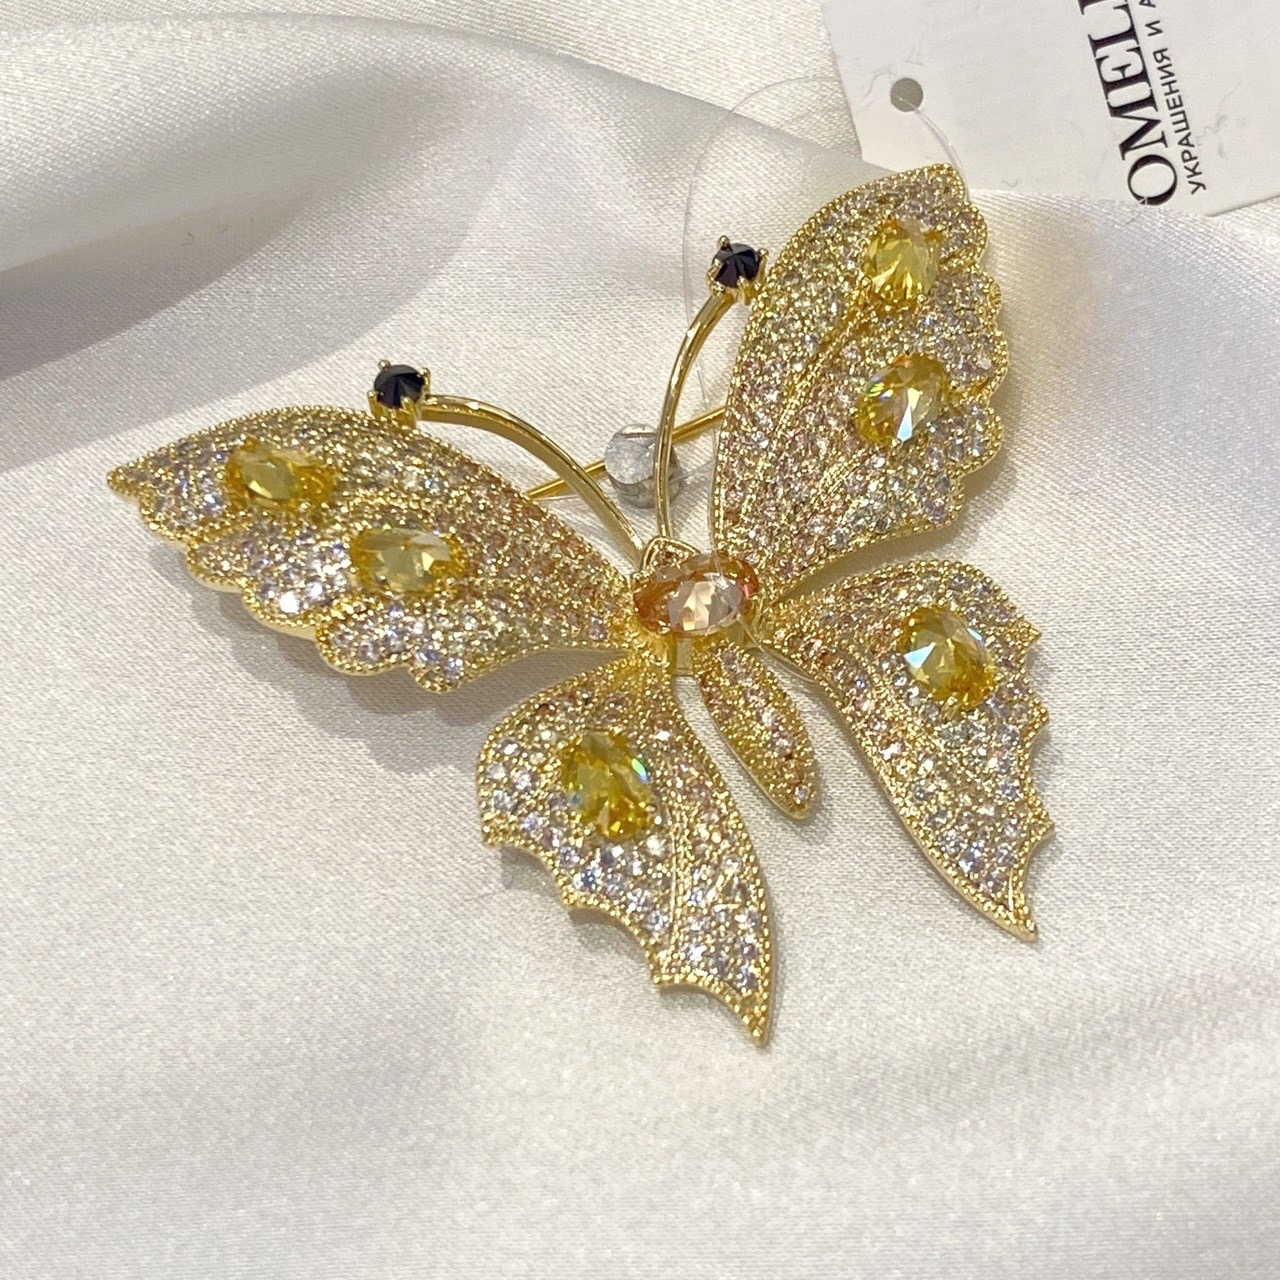 Брошь Циркон Бабочка с овальными цирконами желтый золотой